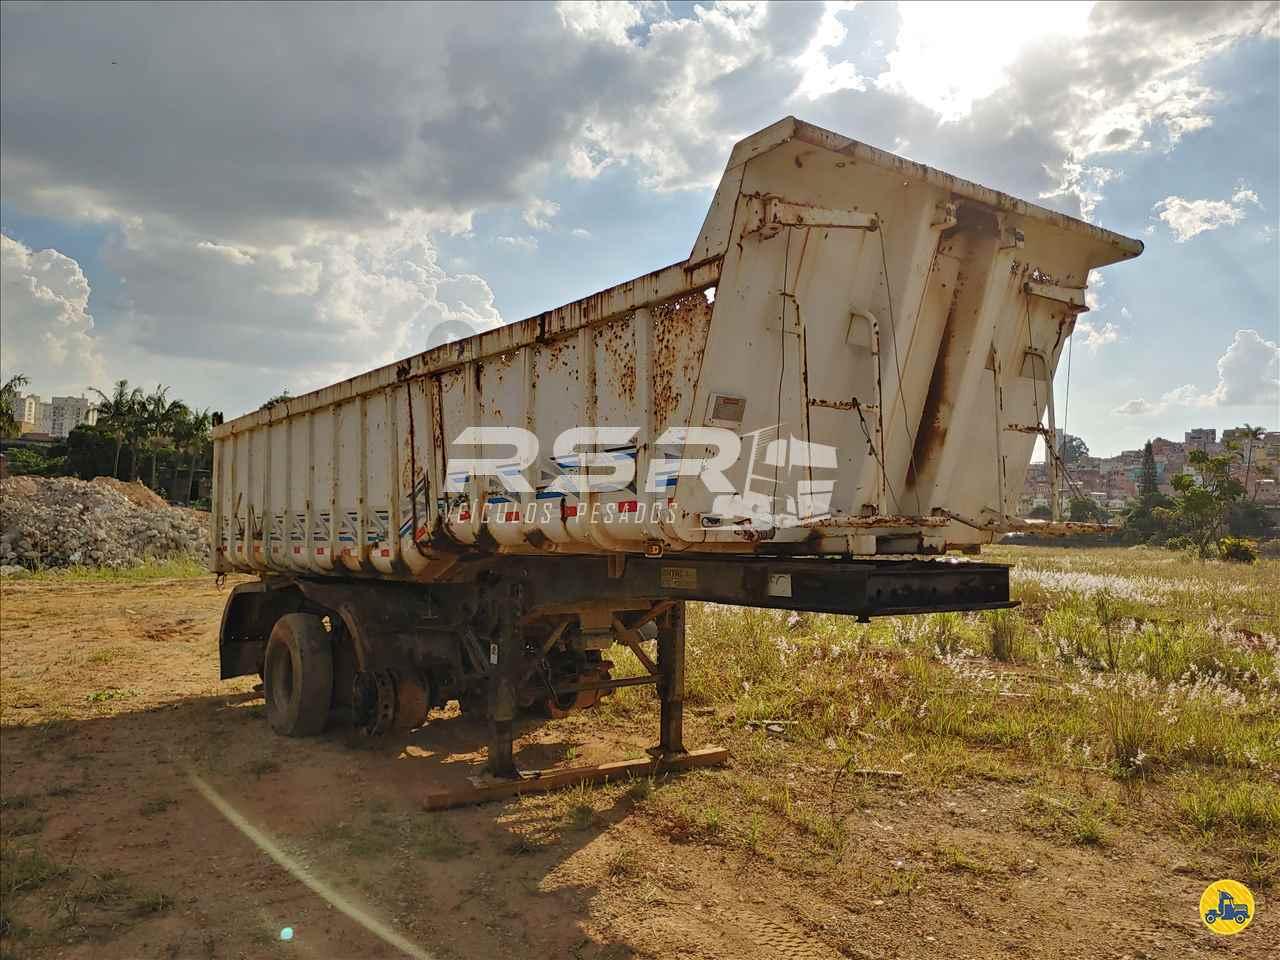 CARRETA SEMI-REBOQUE BASCULANTE RSR Veículos Pesados SAO PAULO SÃO PAULO SP